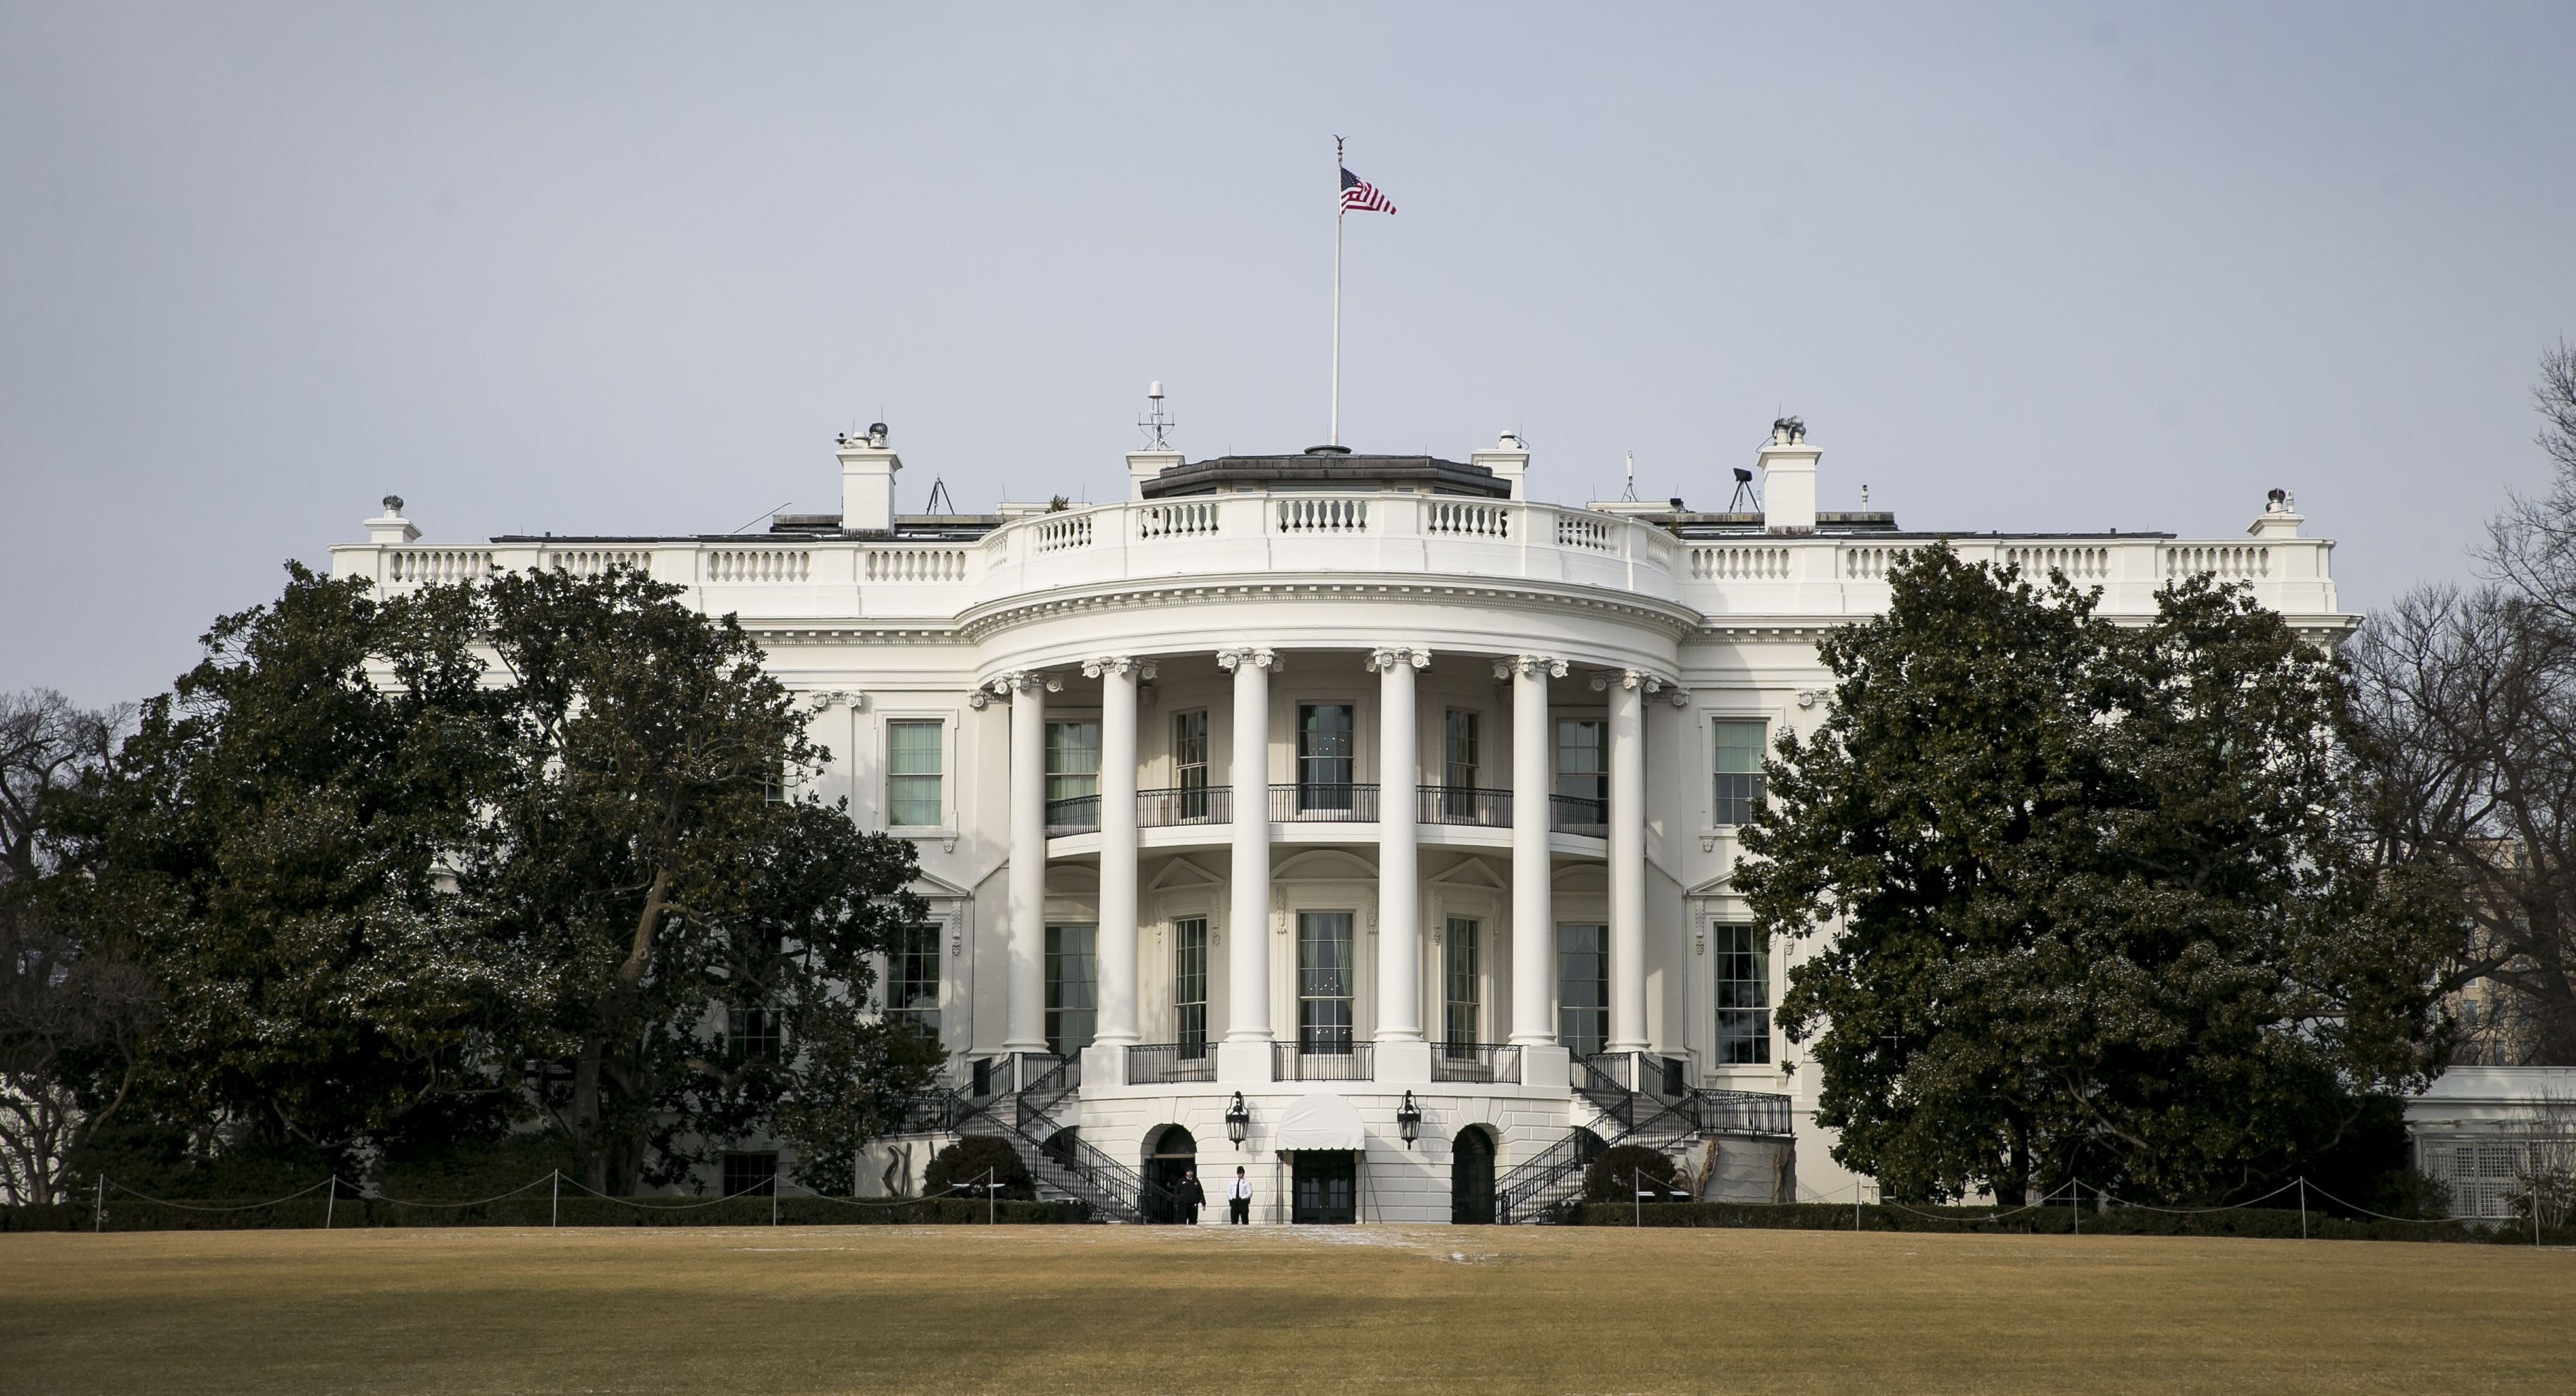 Trump White House recruits at a Hill job fair amid staff exodus  POLITICO